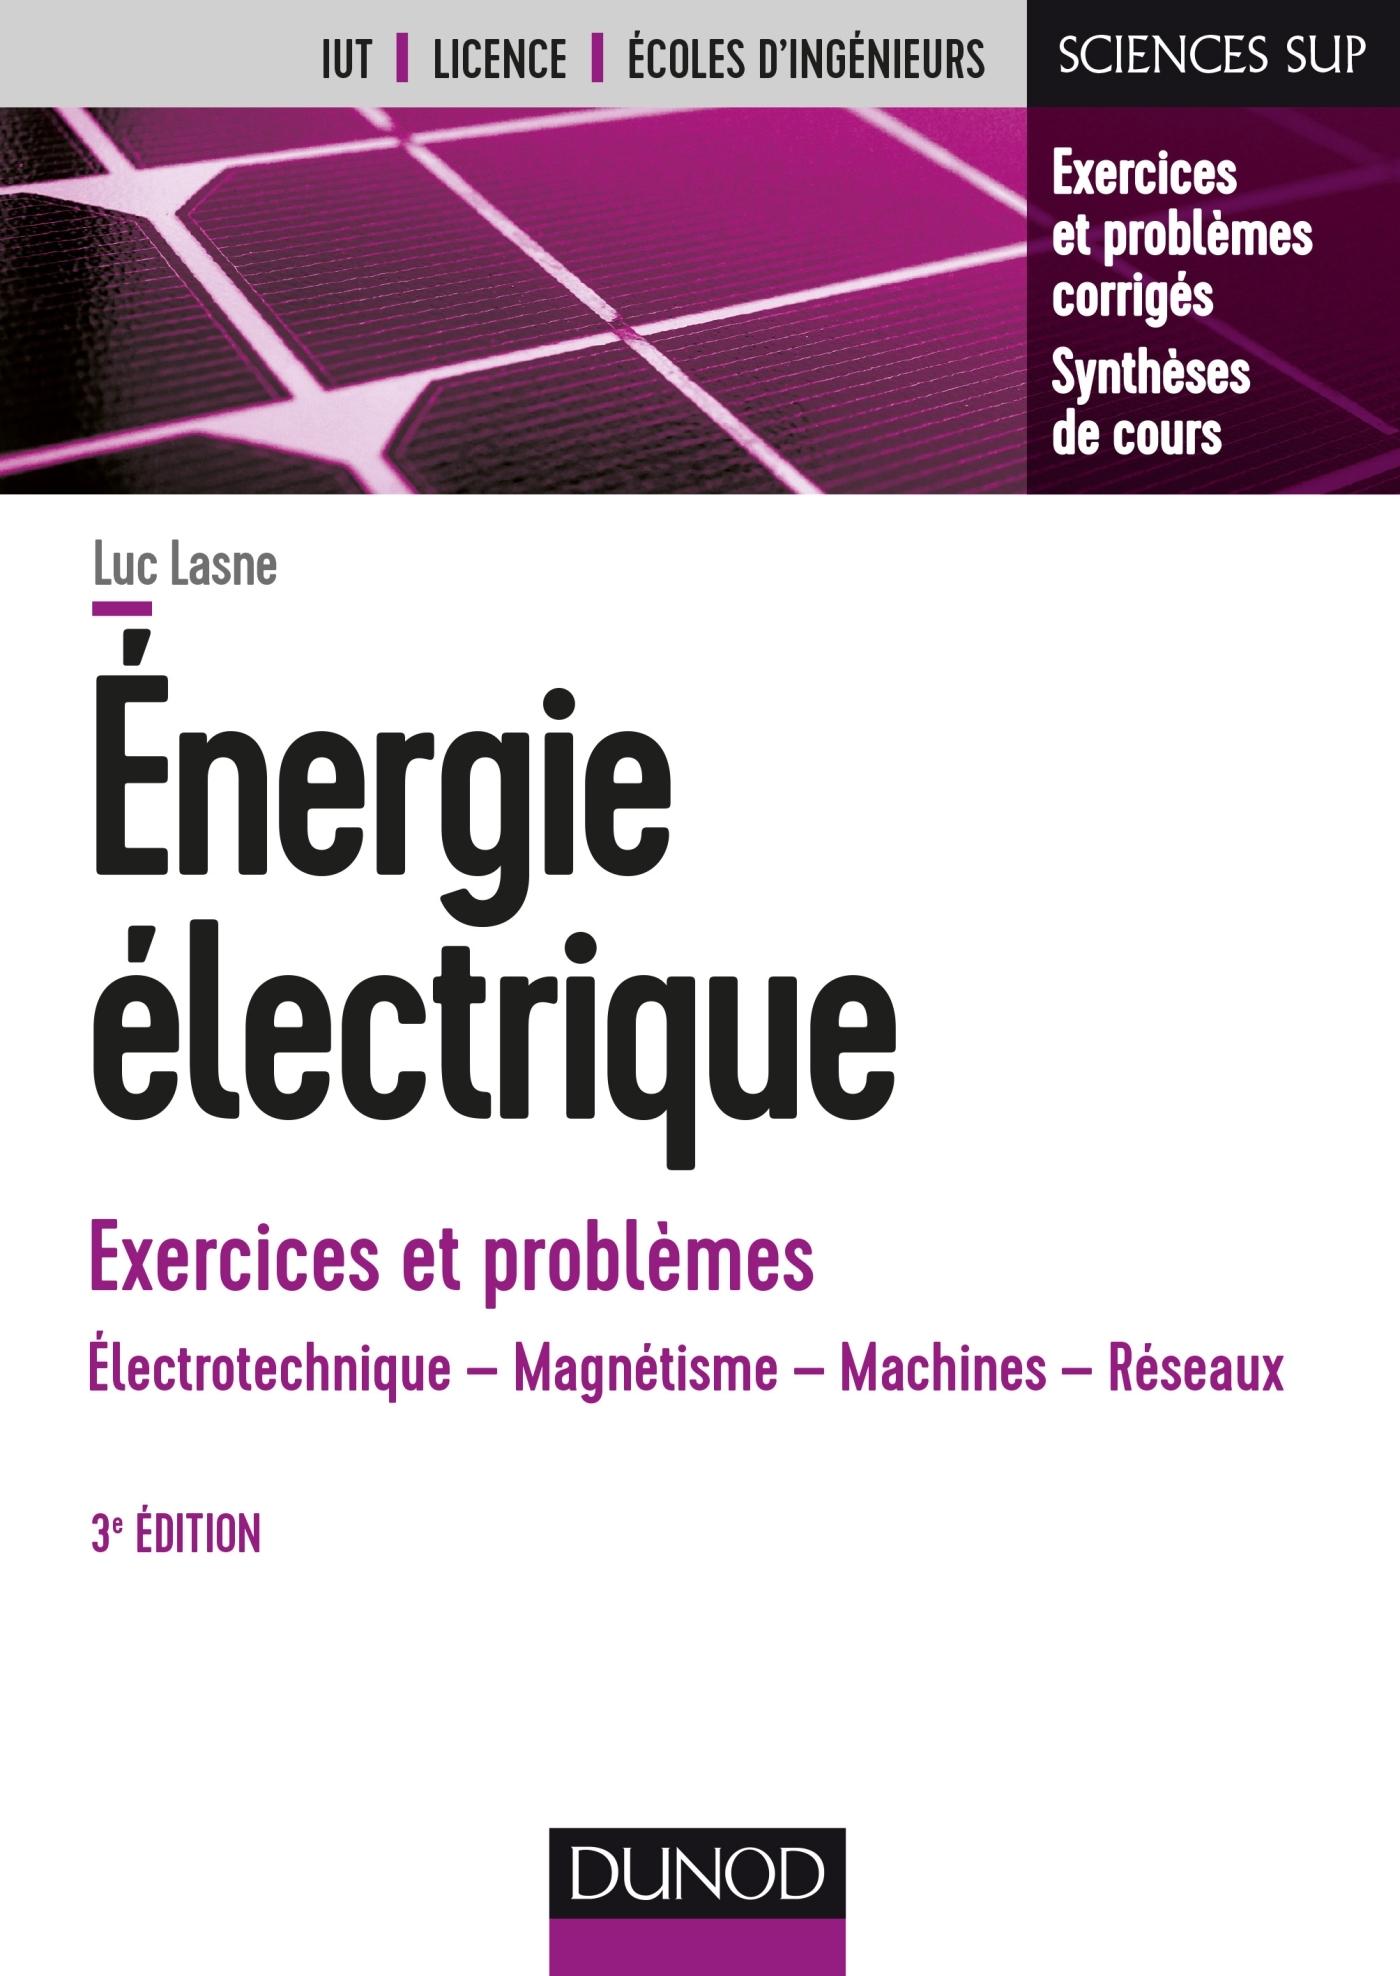 ENERGIE ELECTRIQUE - EXERCICES ET PROBLEMES - 3E ED. - ELECTROTECHNIQUE, MAGNETISME, MACHINES, RESEA